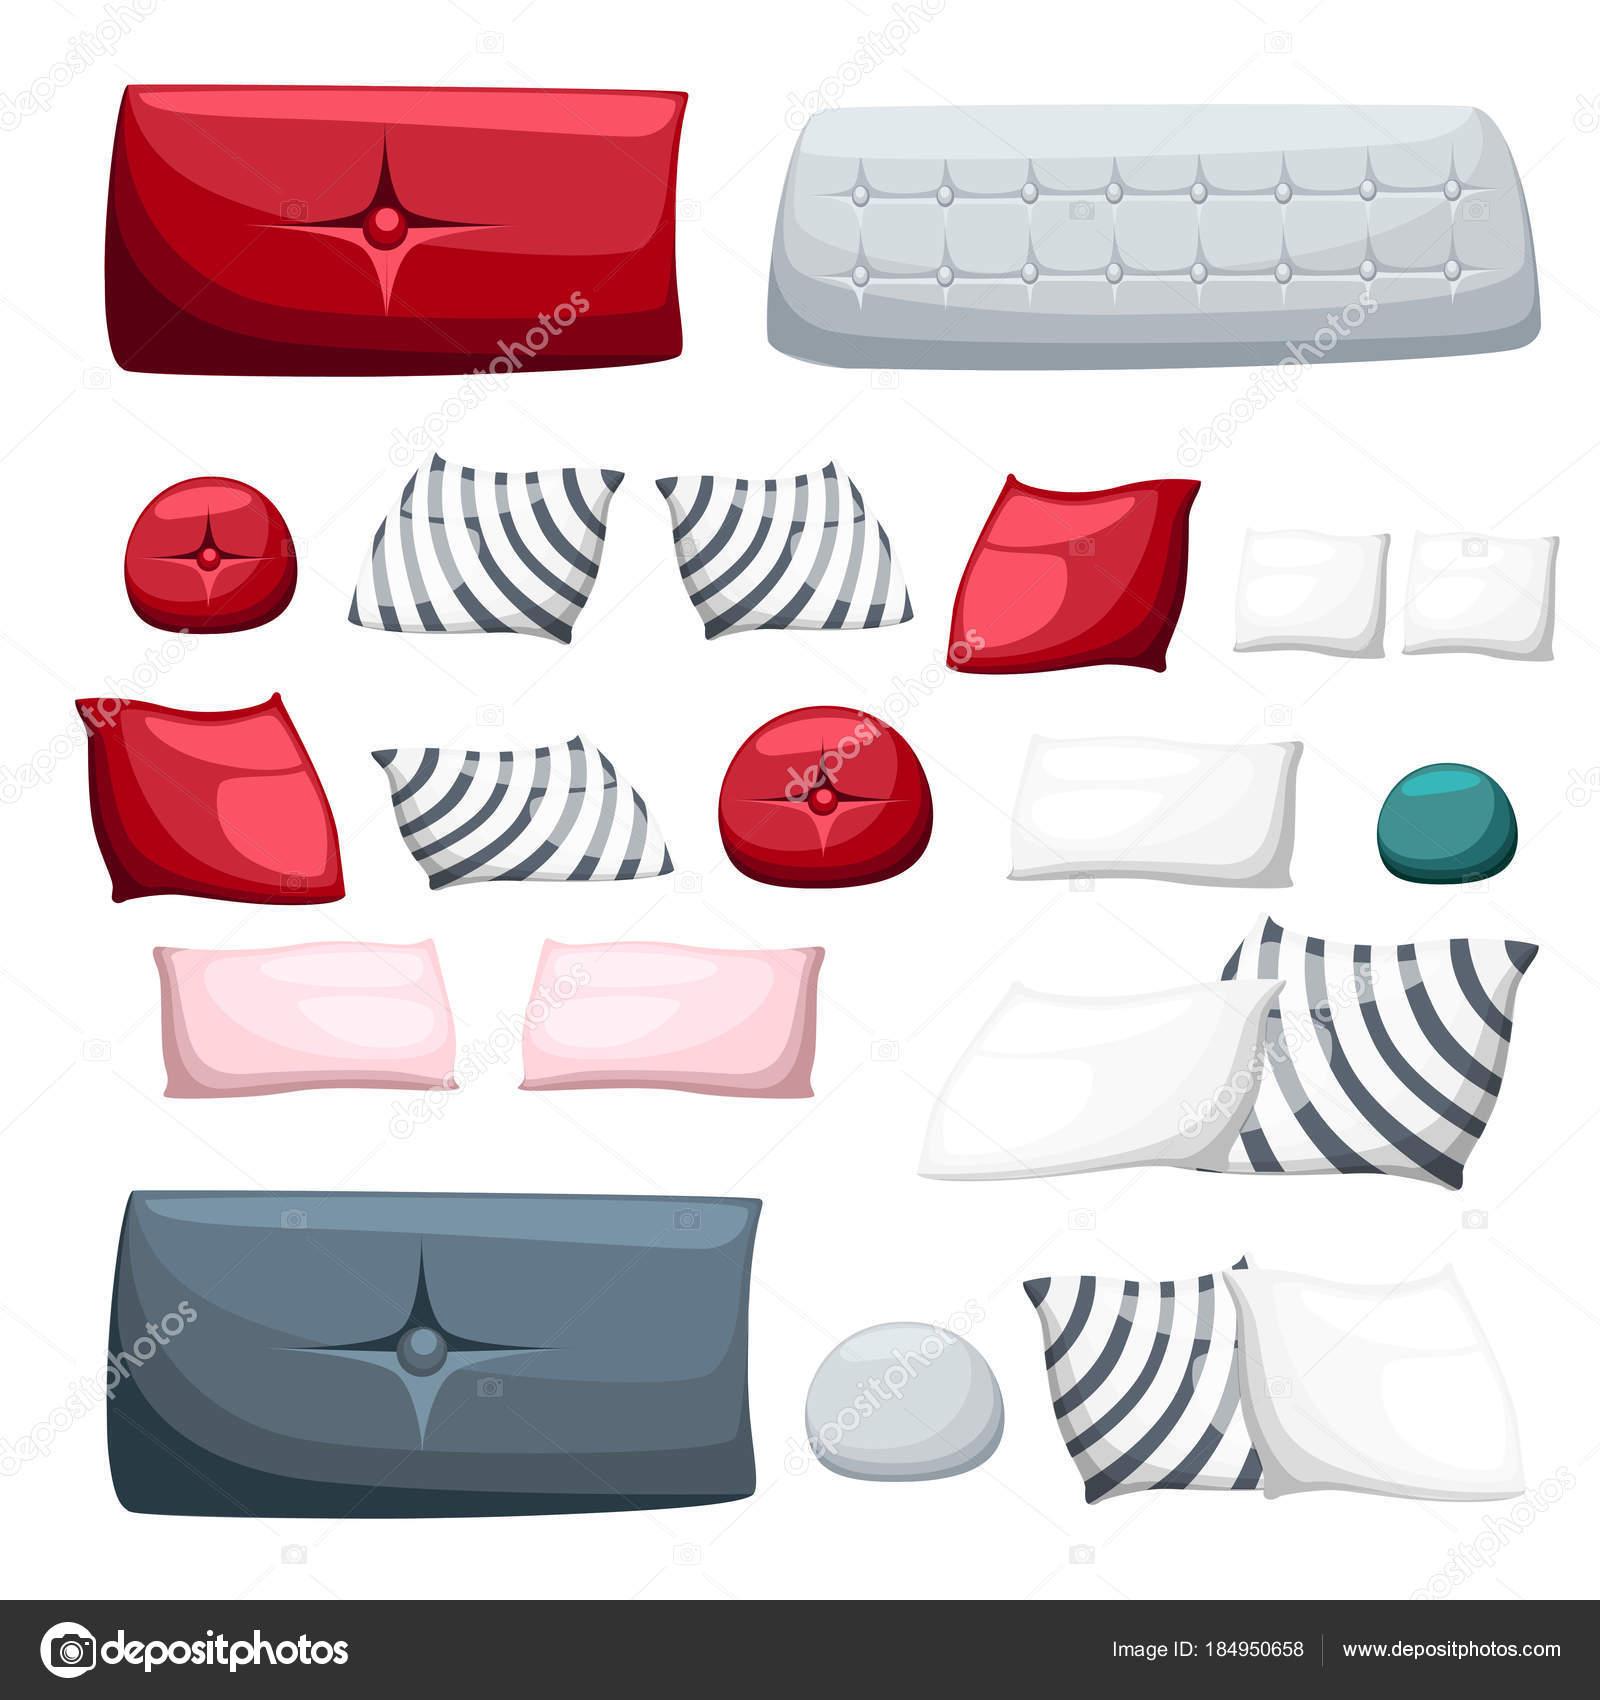 Cojines Con Aplicaciones.Conjunto De Almohadas Multicolores Cojines Decorativos